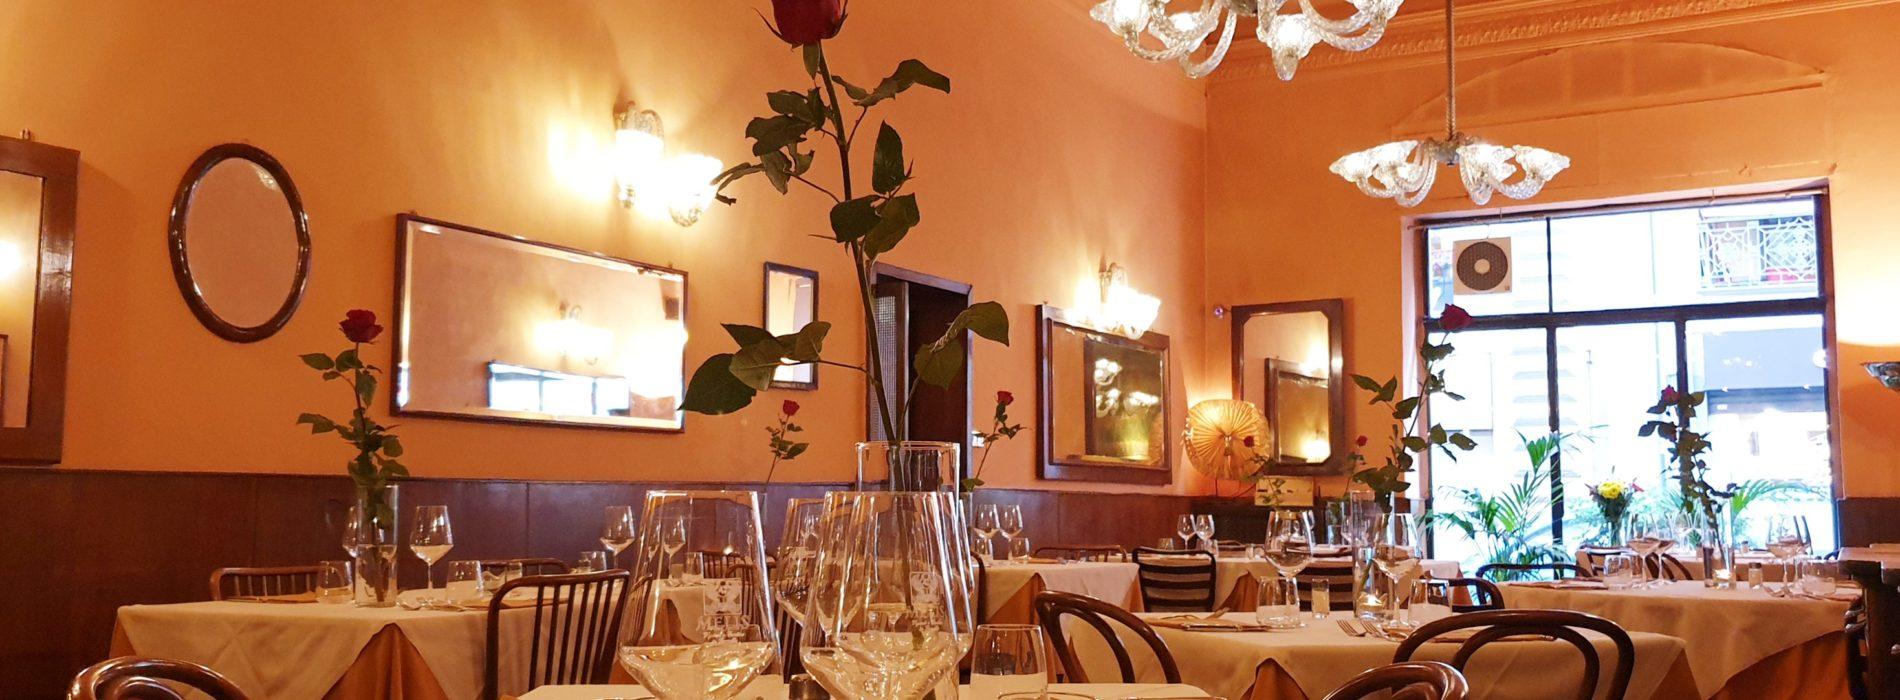 """Mutui sospesi e cassa integrazione, cosa cambia per i ristoratori (e cosa no) con il decreto marzo """"Cura Italia"""""""